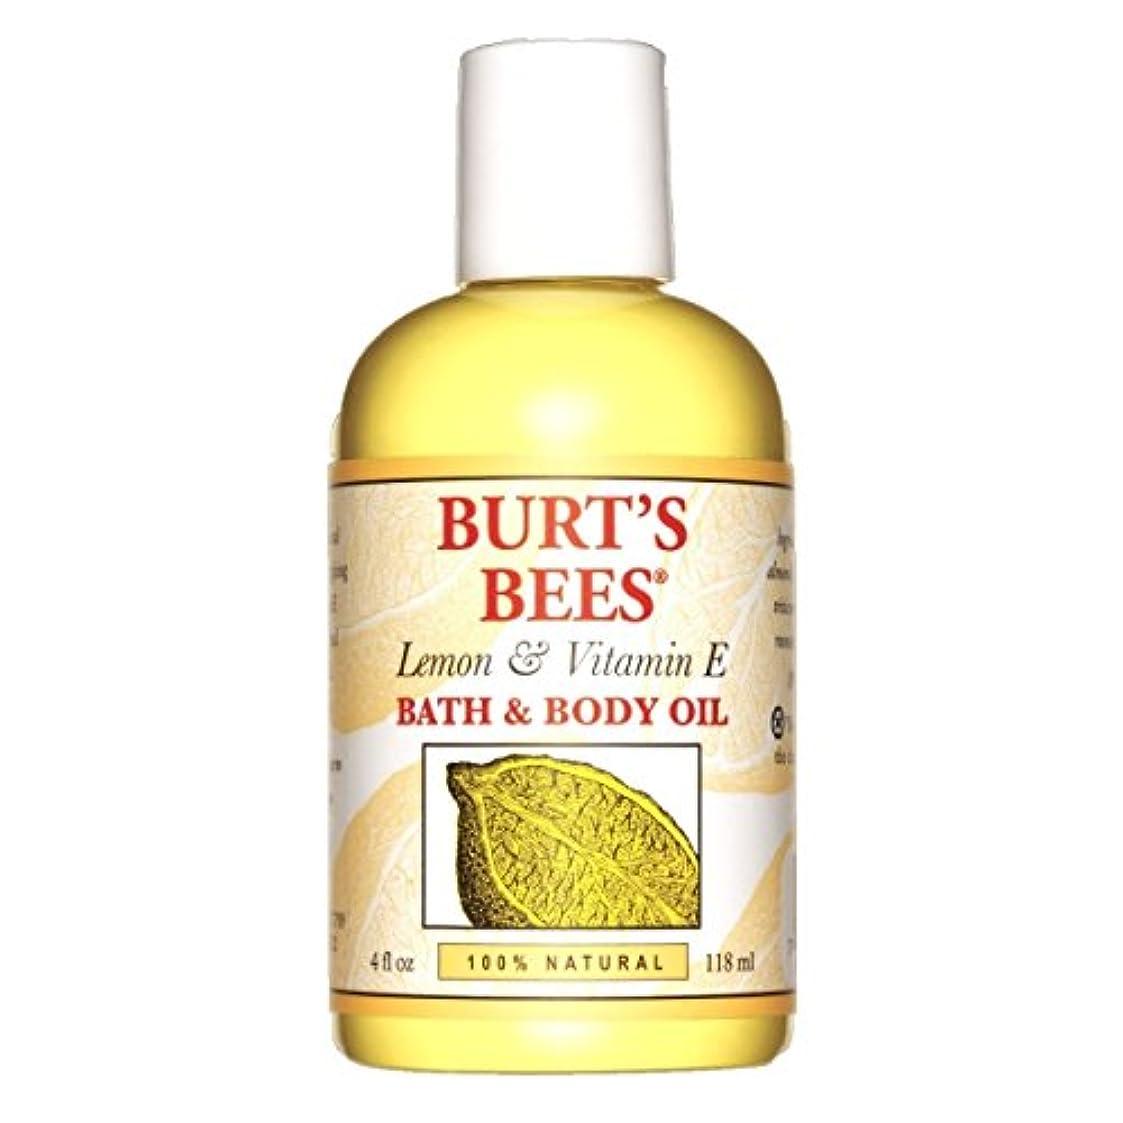 イディオム勢い芽バーツビーズ(Burt's Bees) レモン&ビタミンE バスアンドボディオイル 118ml [海外直送品][並行輸入品]